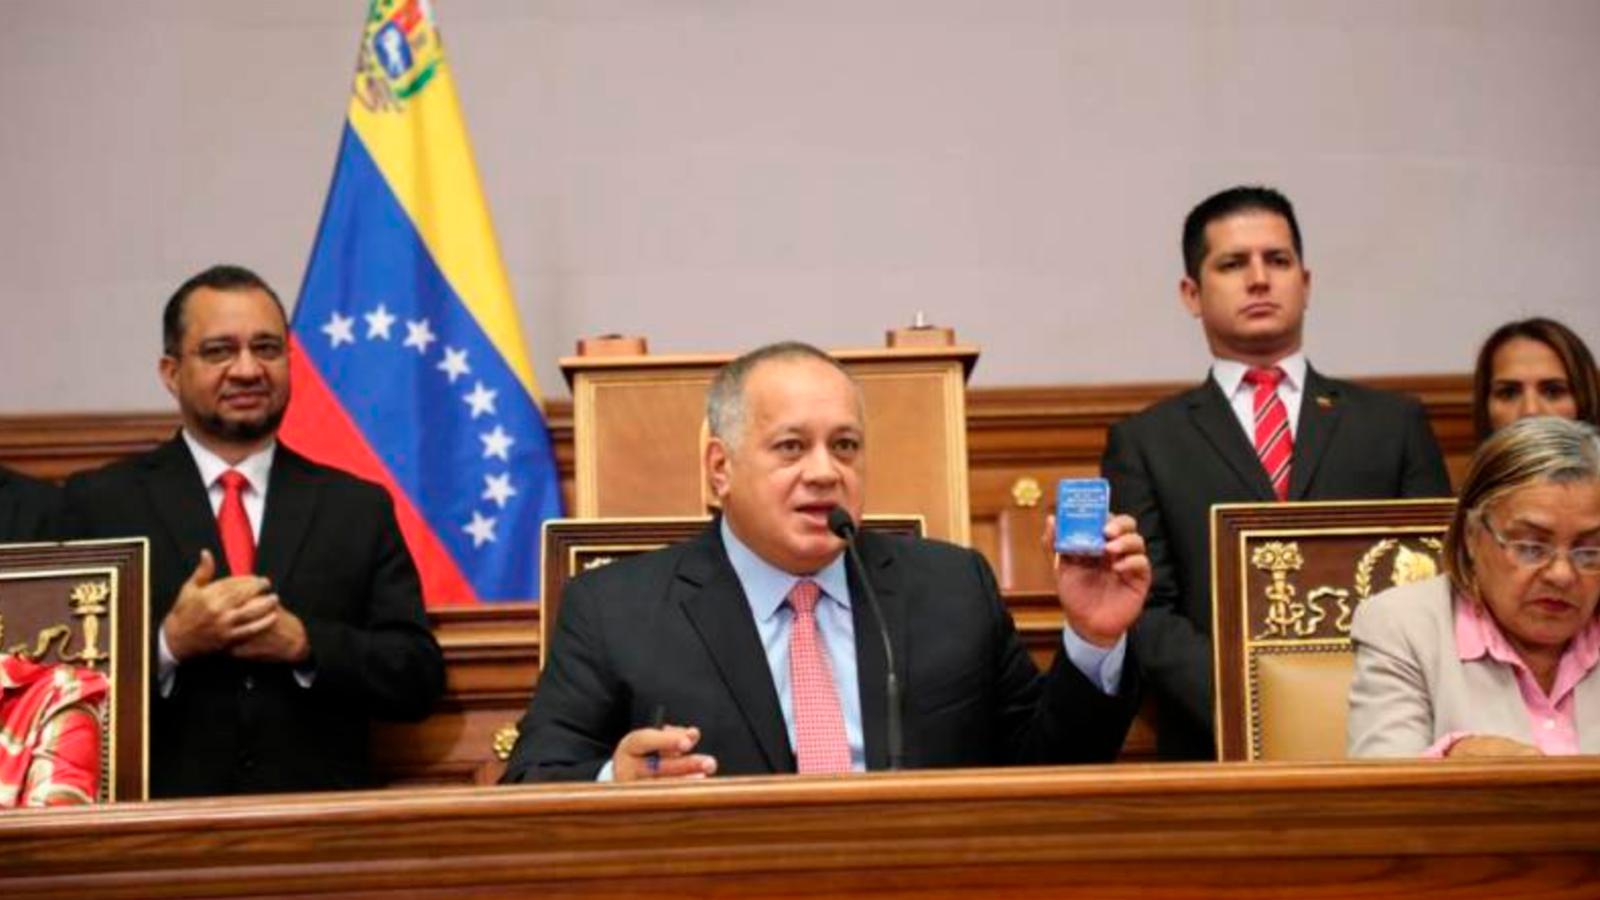 'Fue un triste espectáculo': Diosdado Cabello sobre la disputa Guaidó-Parra